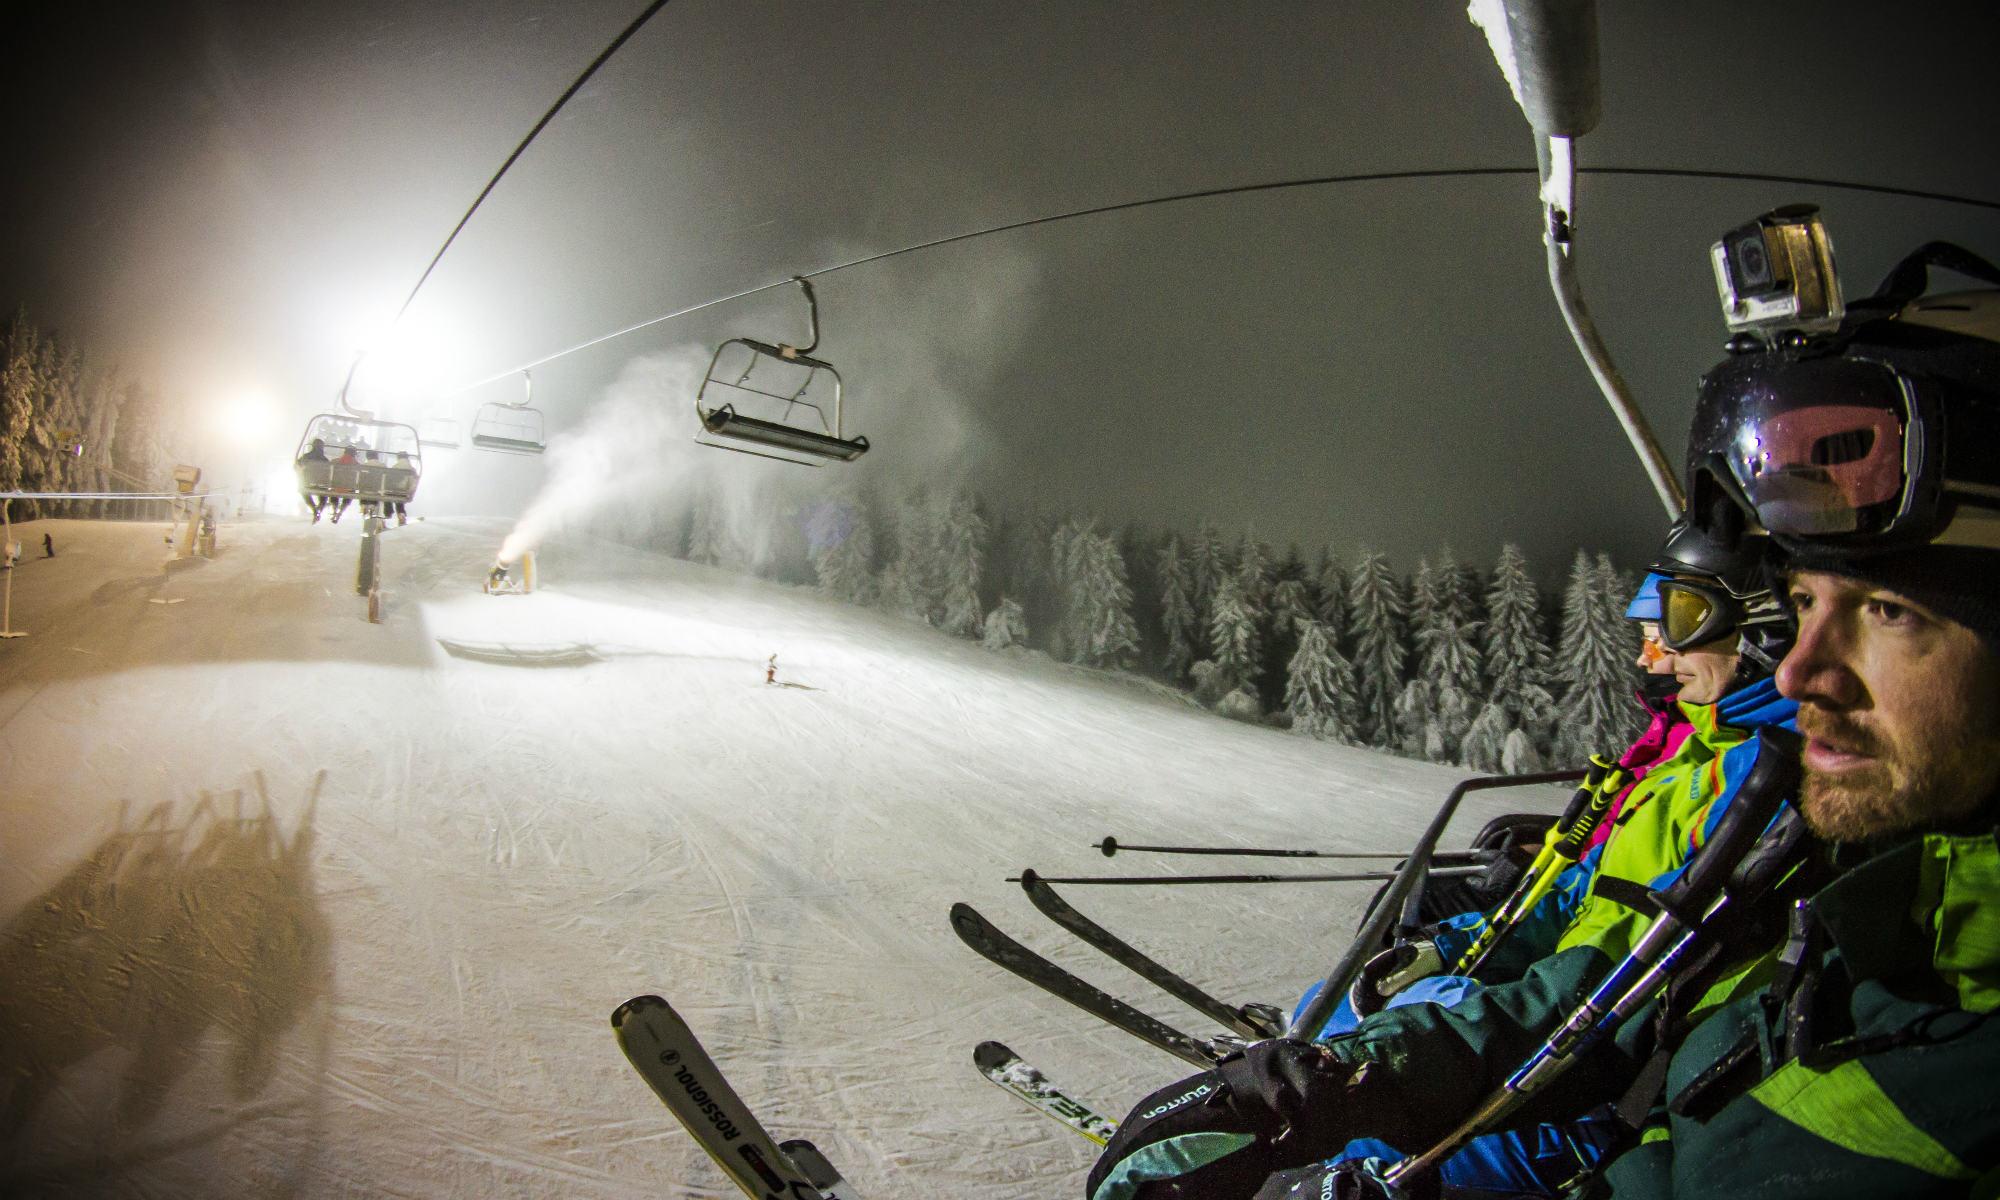 Skiërs hebben vanuit een skilift uitzicht op een verlichte piste in Winterberg.